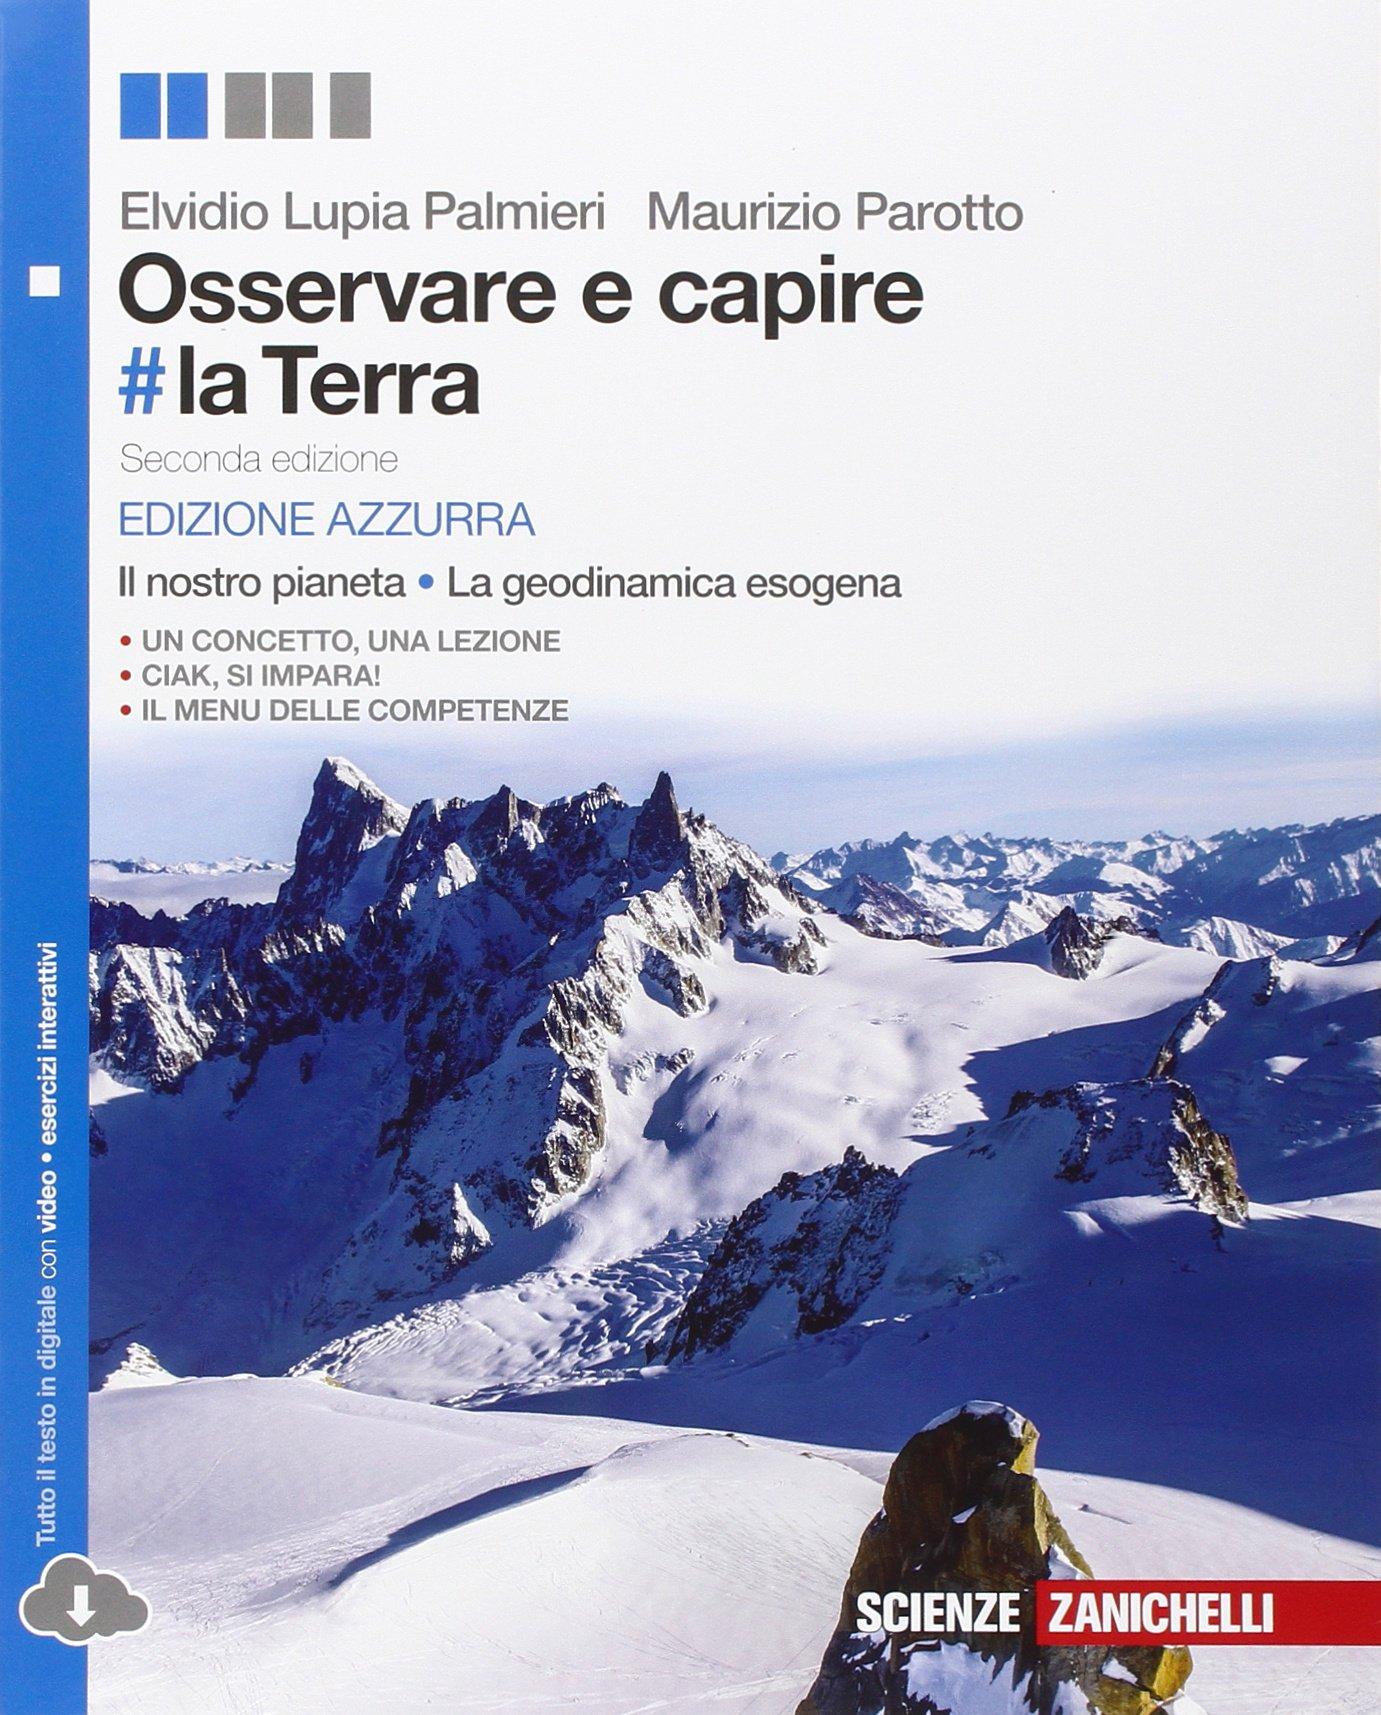 Osservare e capire #la Terra – Il nostro pianeta – La geodinamica esogena (edizione azzurra), libro per le scuole superiori